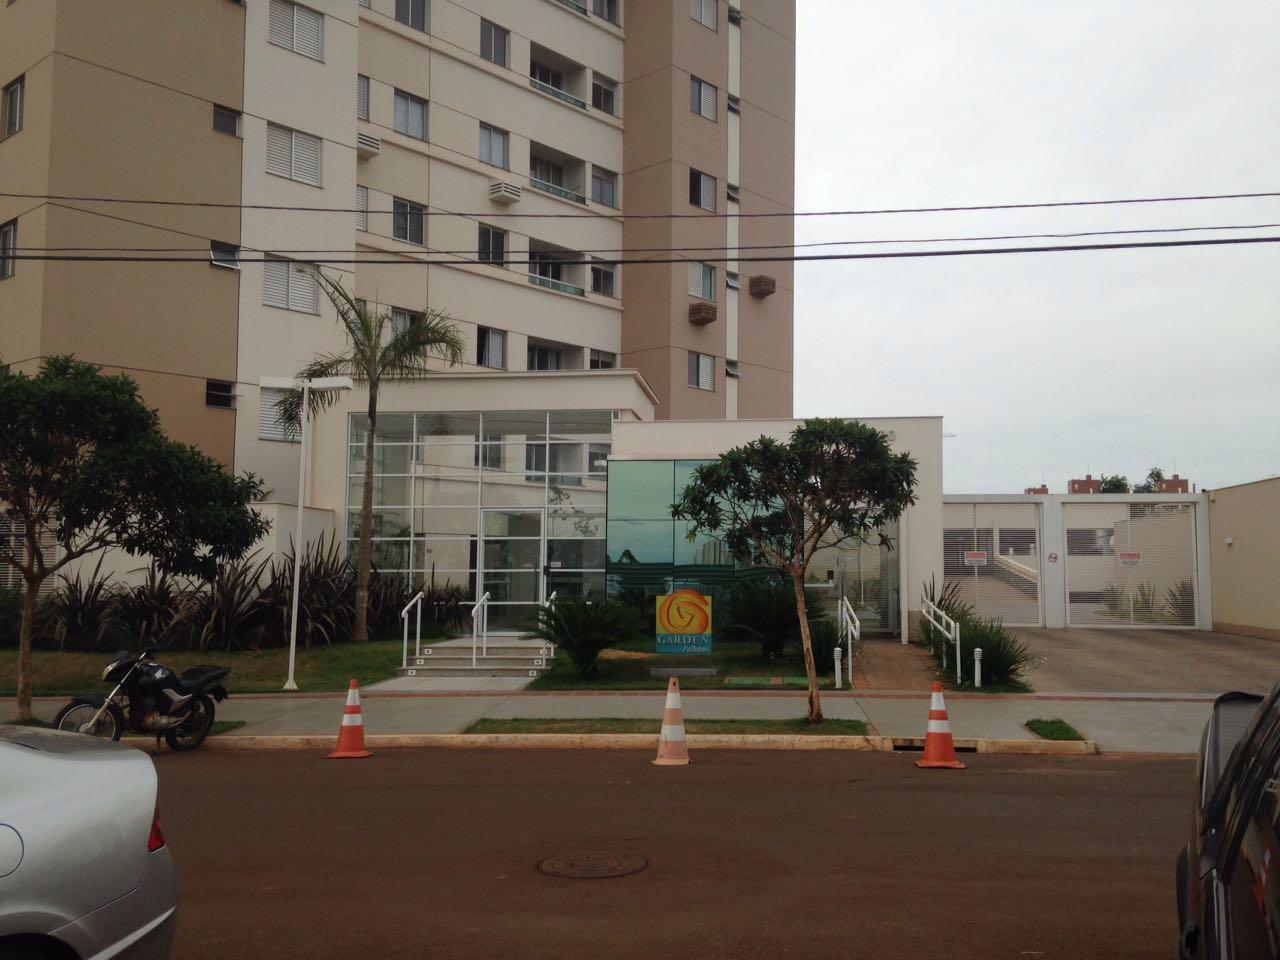 Apartamento em Venda Londrina Gleba Fazenda Palhano. 3 quartos 69 m2  #644B3B 1280 960